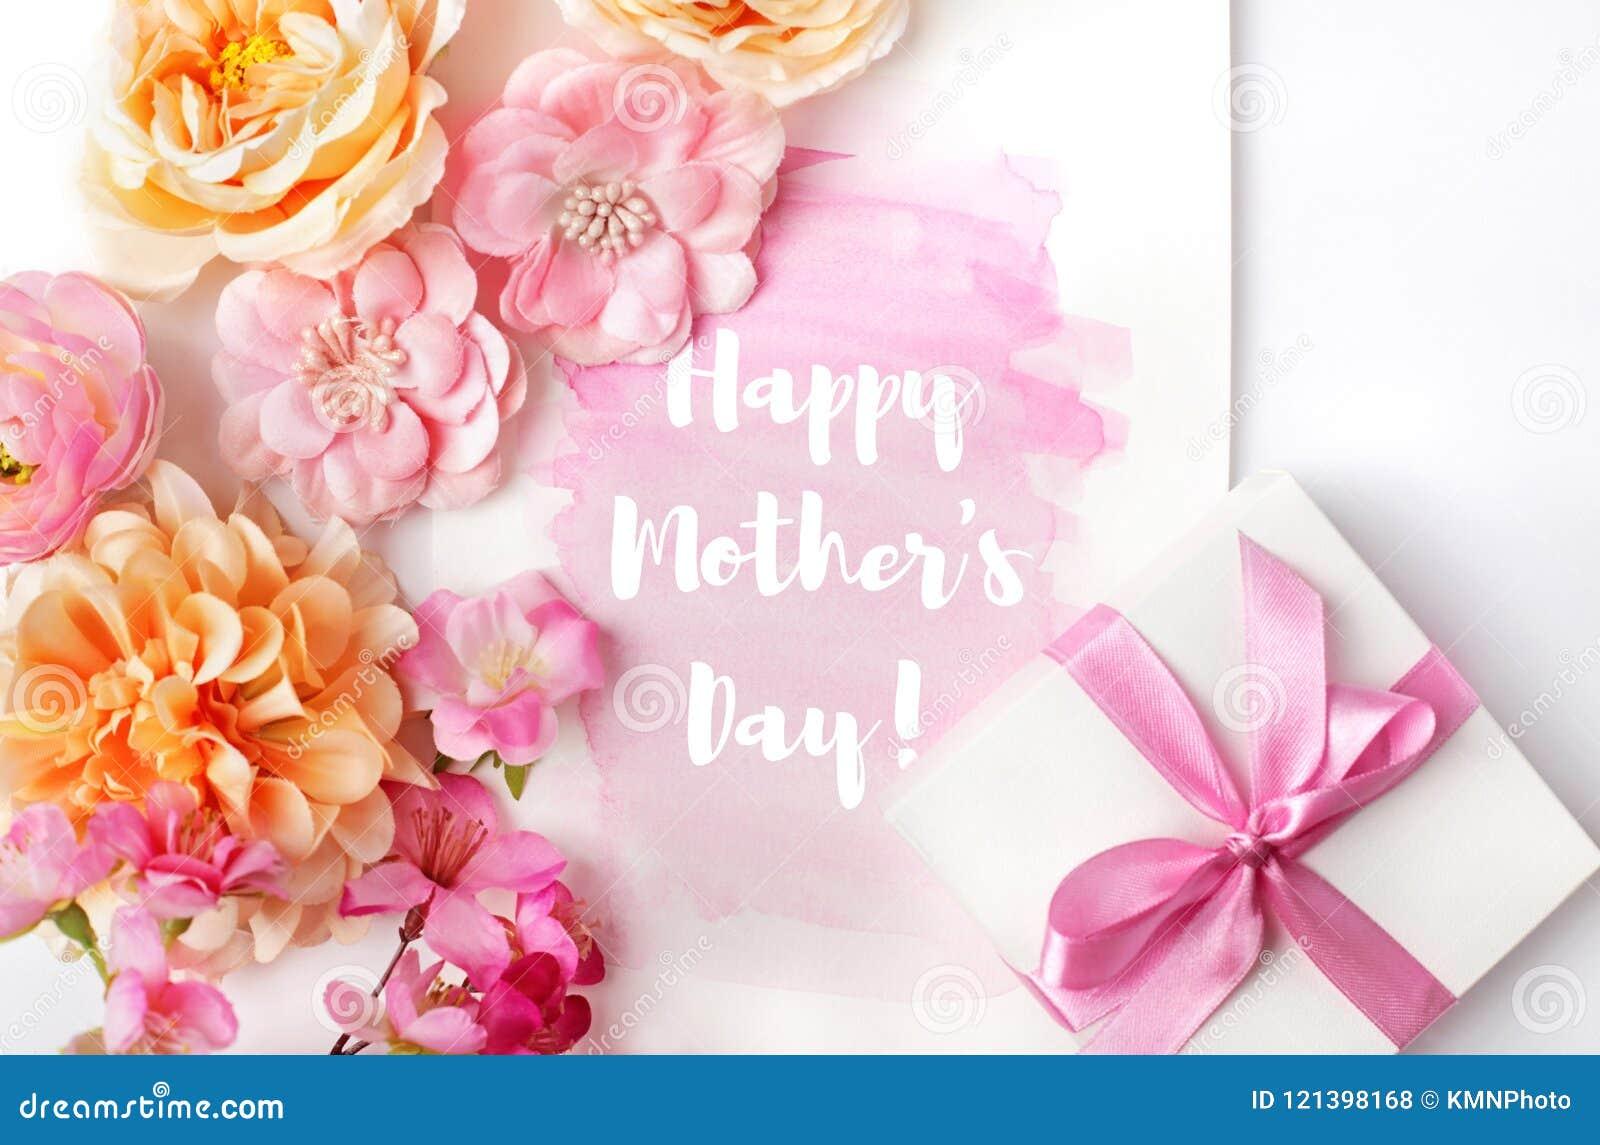 Ευχετήρια κάρτα ημέρας μητέρων με τα λουλούδια